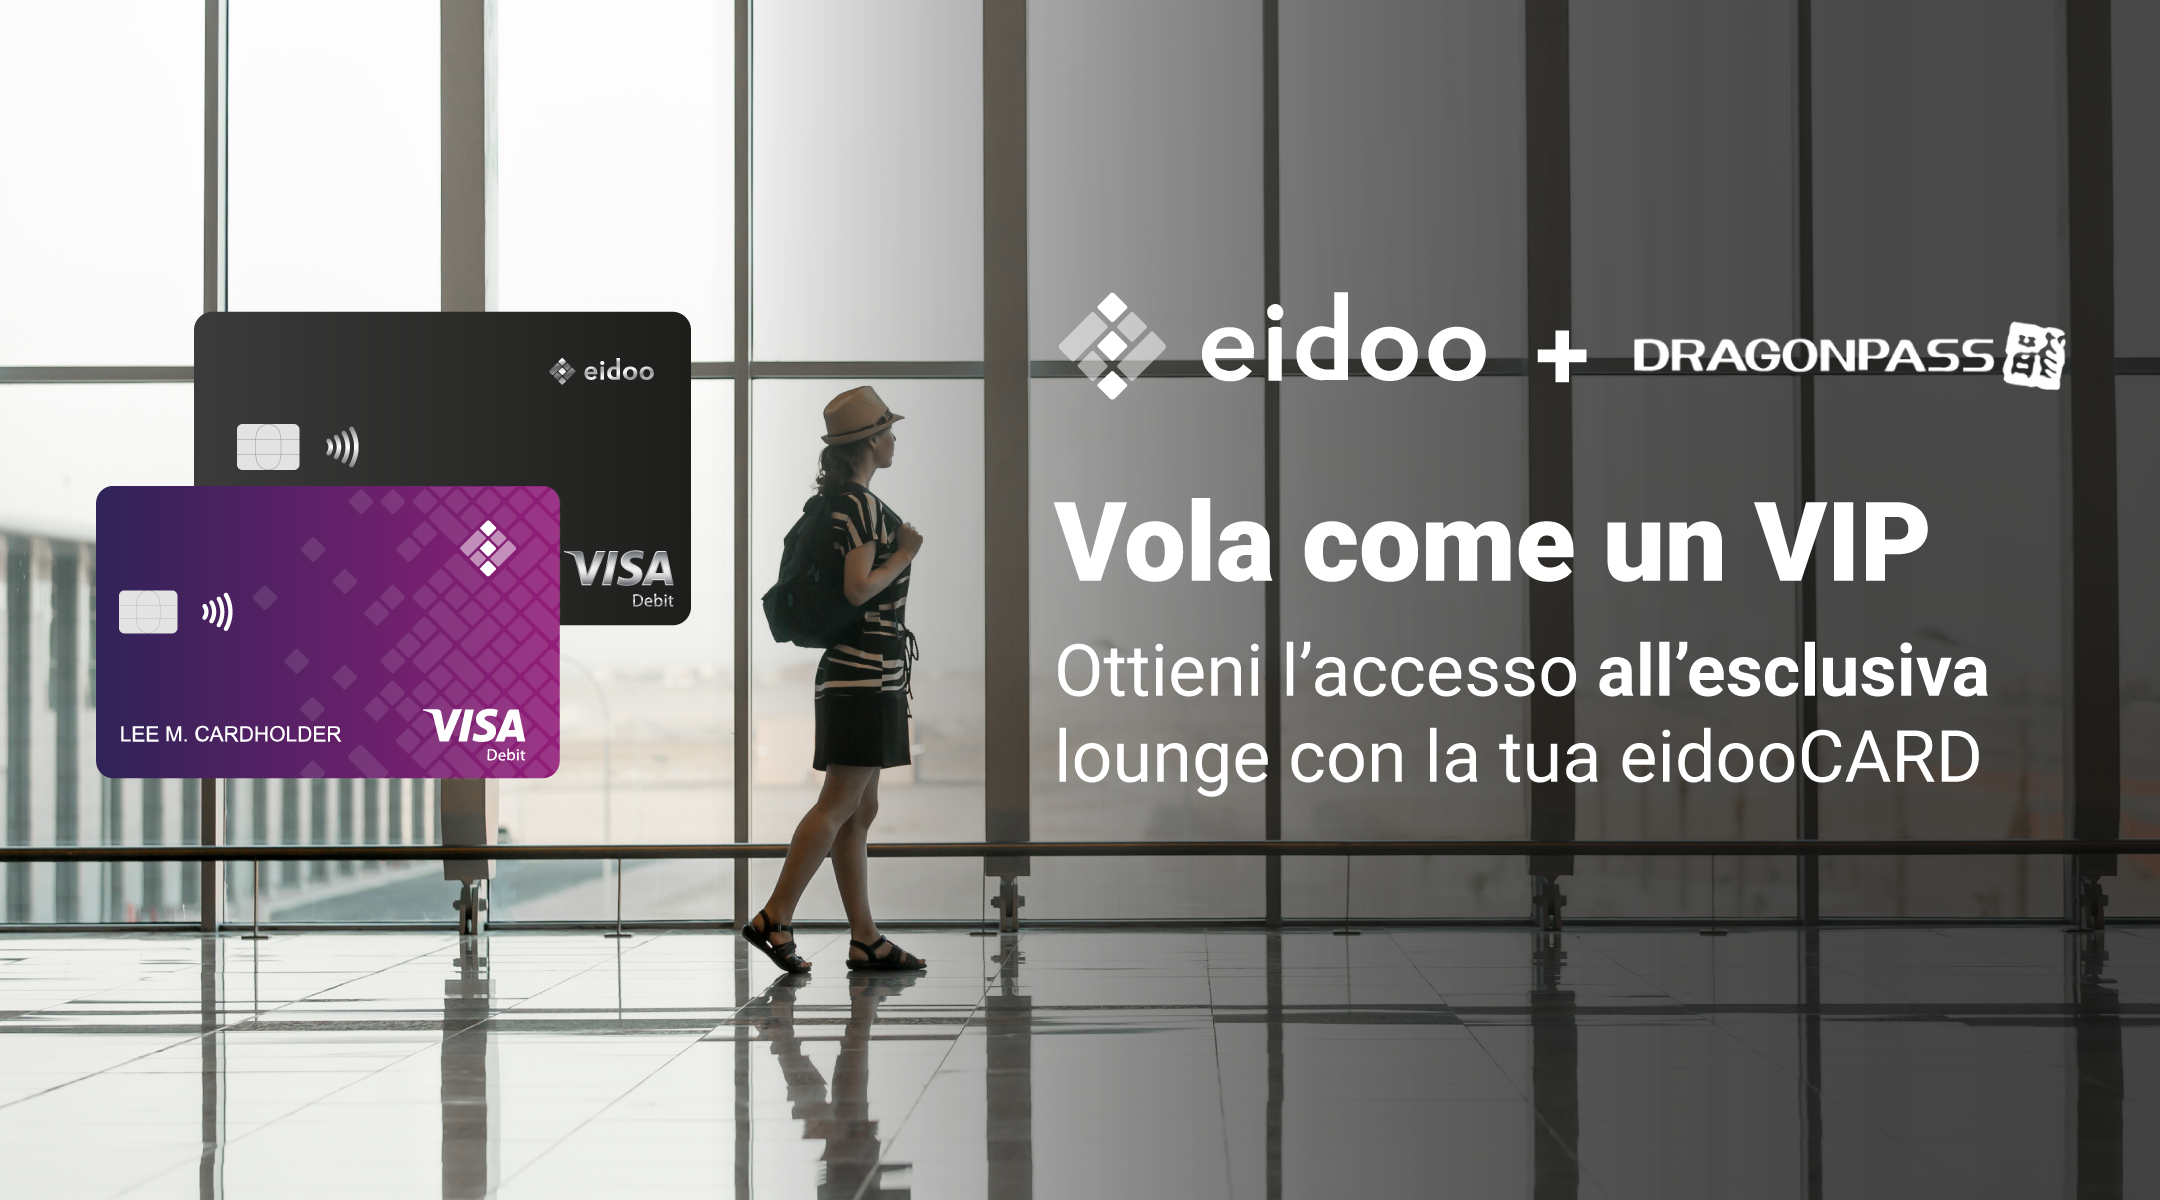 Ottieni l'accesso a lounge esclusive con la tua eidooCARD e DragonPass